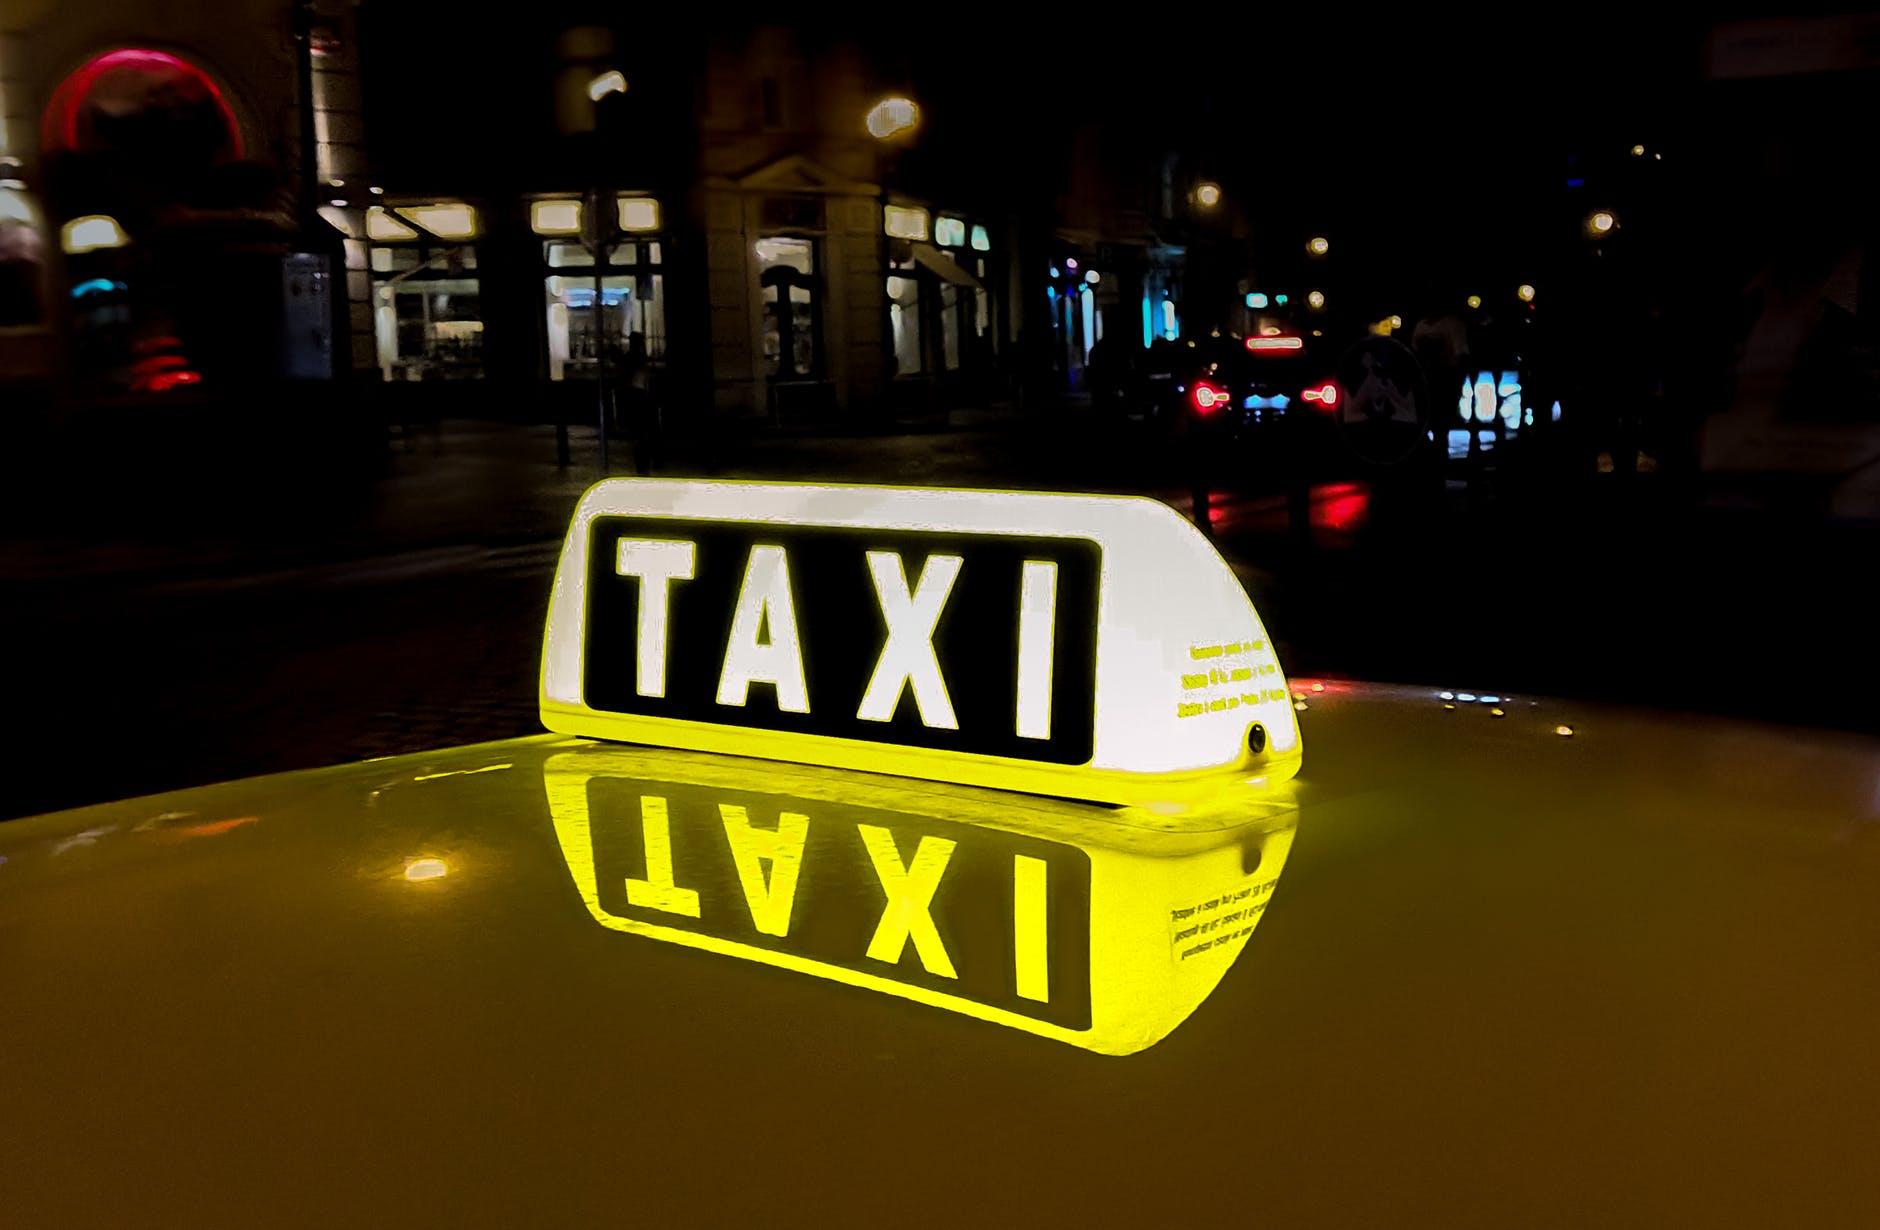 市府針對目前受理乘車拒載第1次的檢舉,認為只採用「警告」處份的實效性低。因此國土交通部強烈建議法令修訂為「停止行車資格10日」並強化「一振出局法」